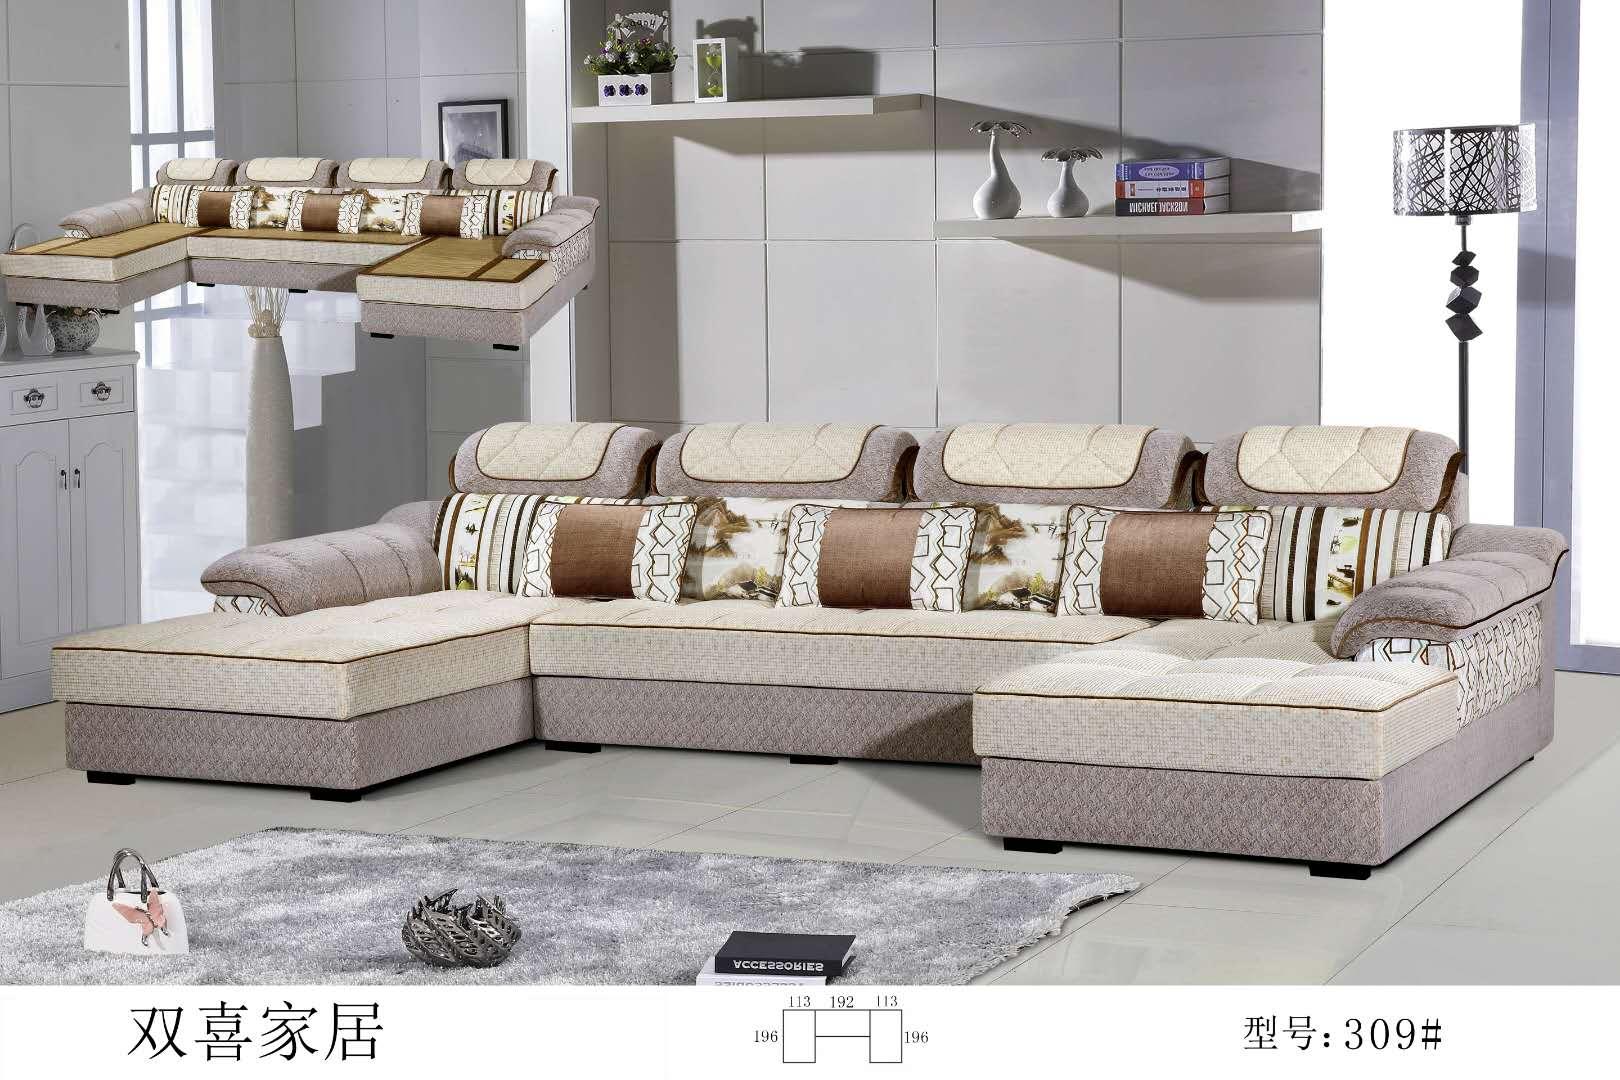 沙发型号309#